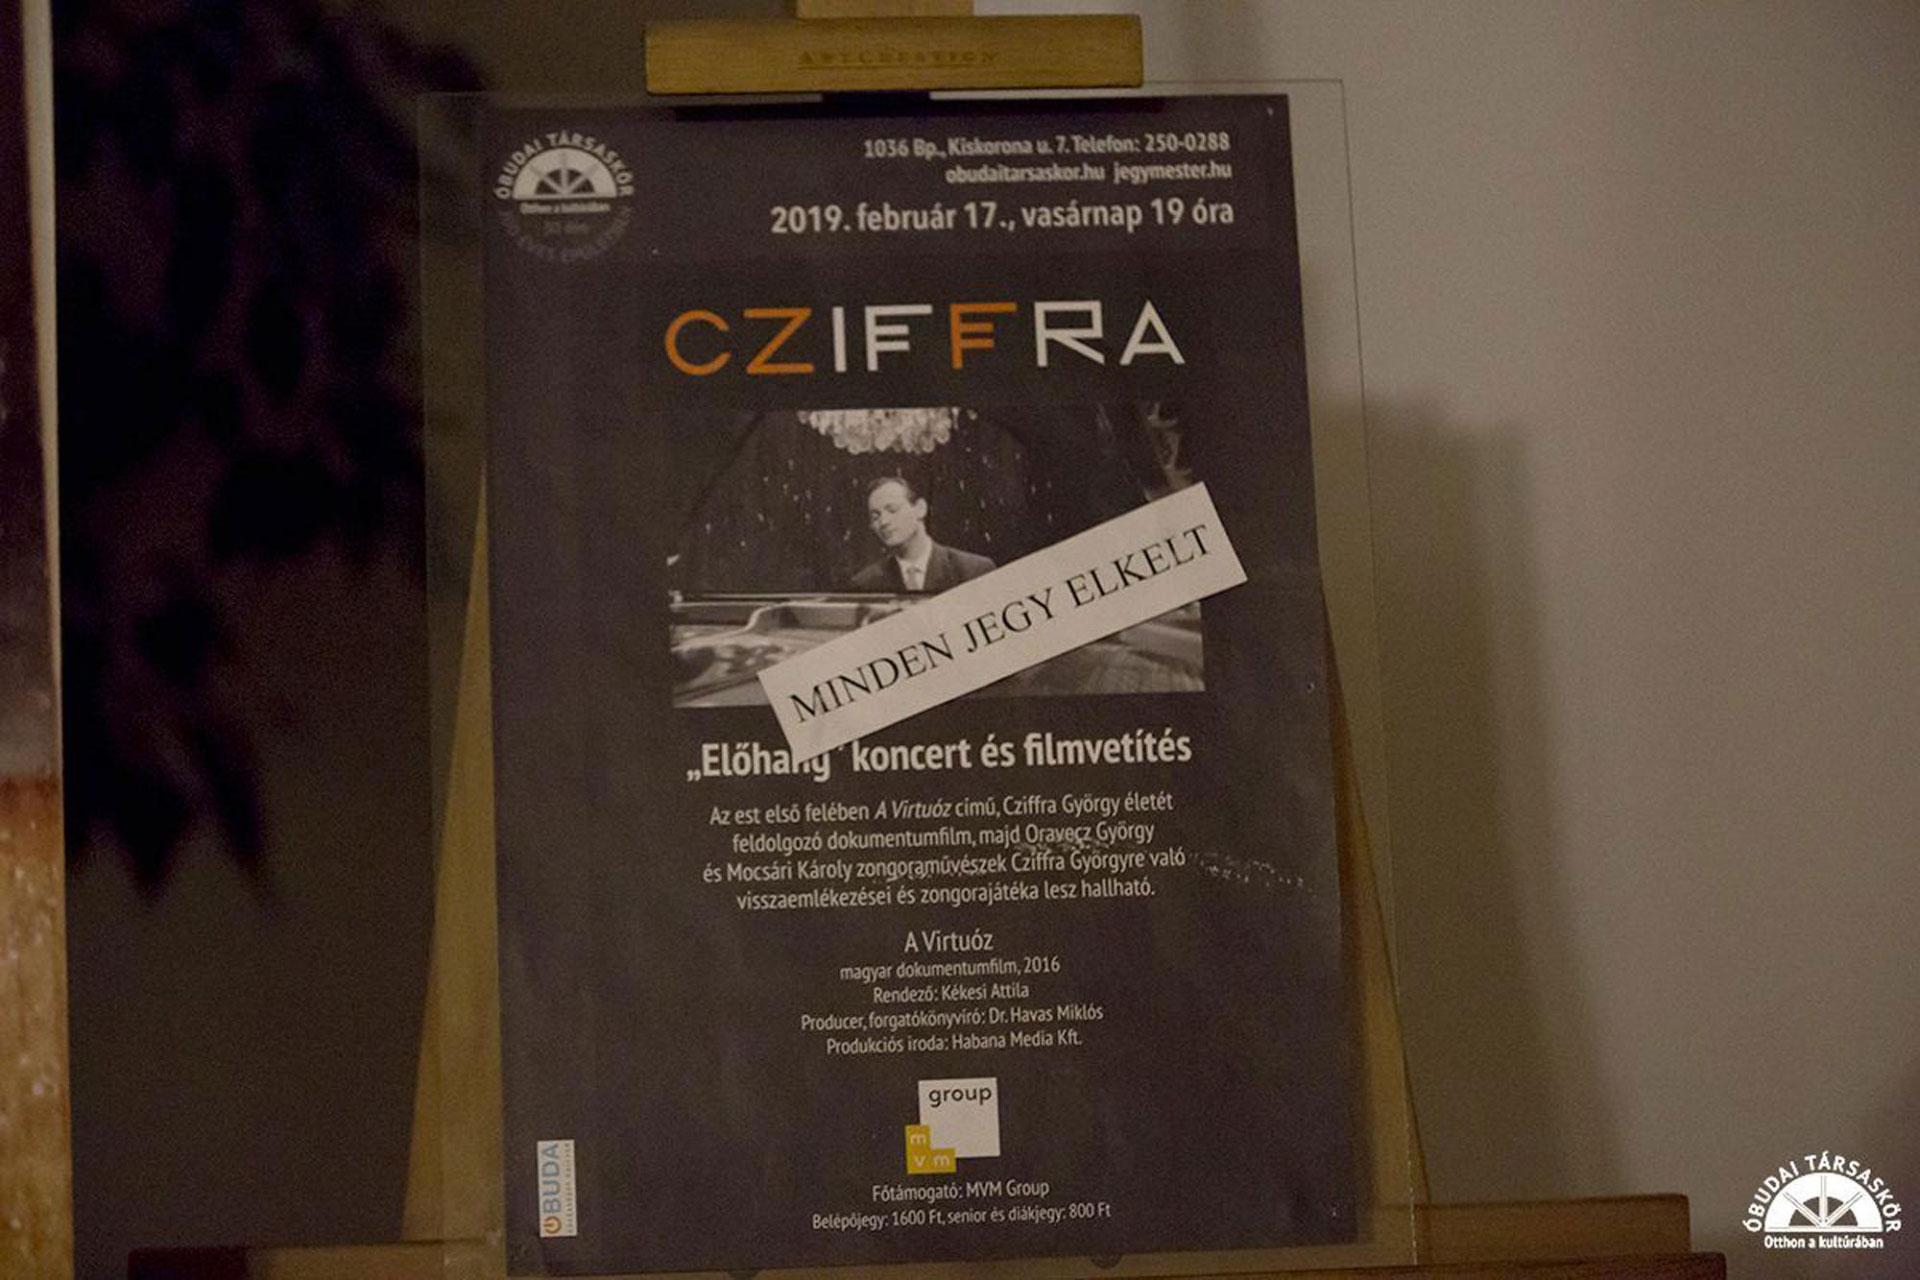 2019.02.17 Előhang Koncert Óbudai Társaskör4